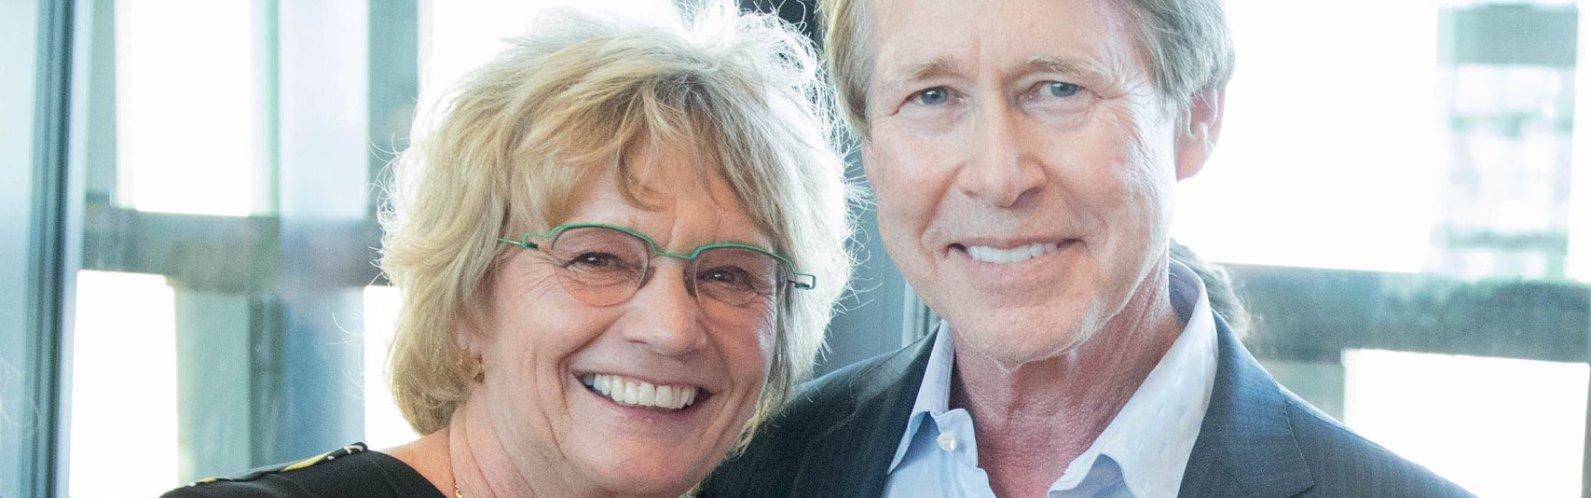 Stephen and Linda - MIMAA.jpg